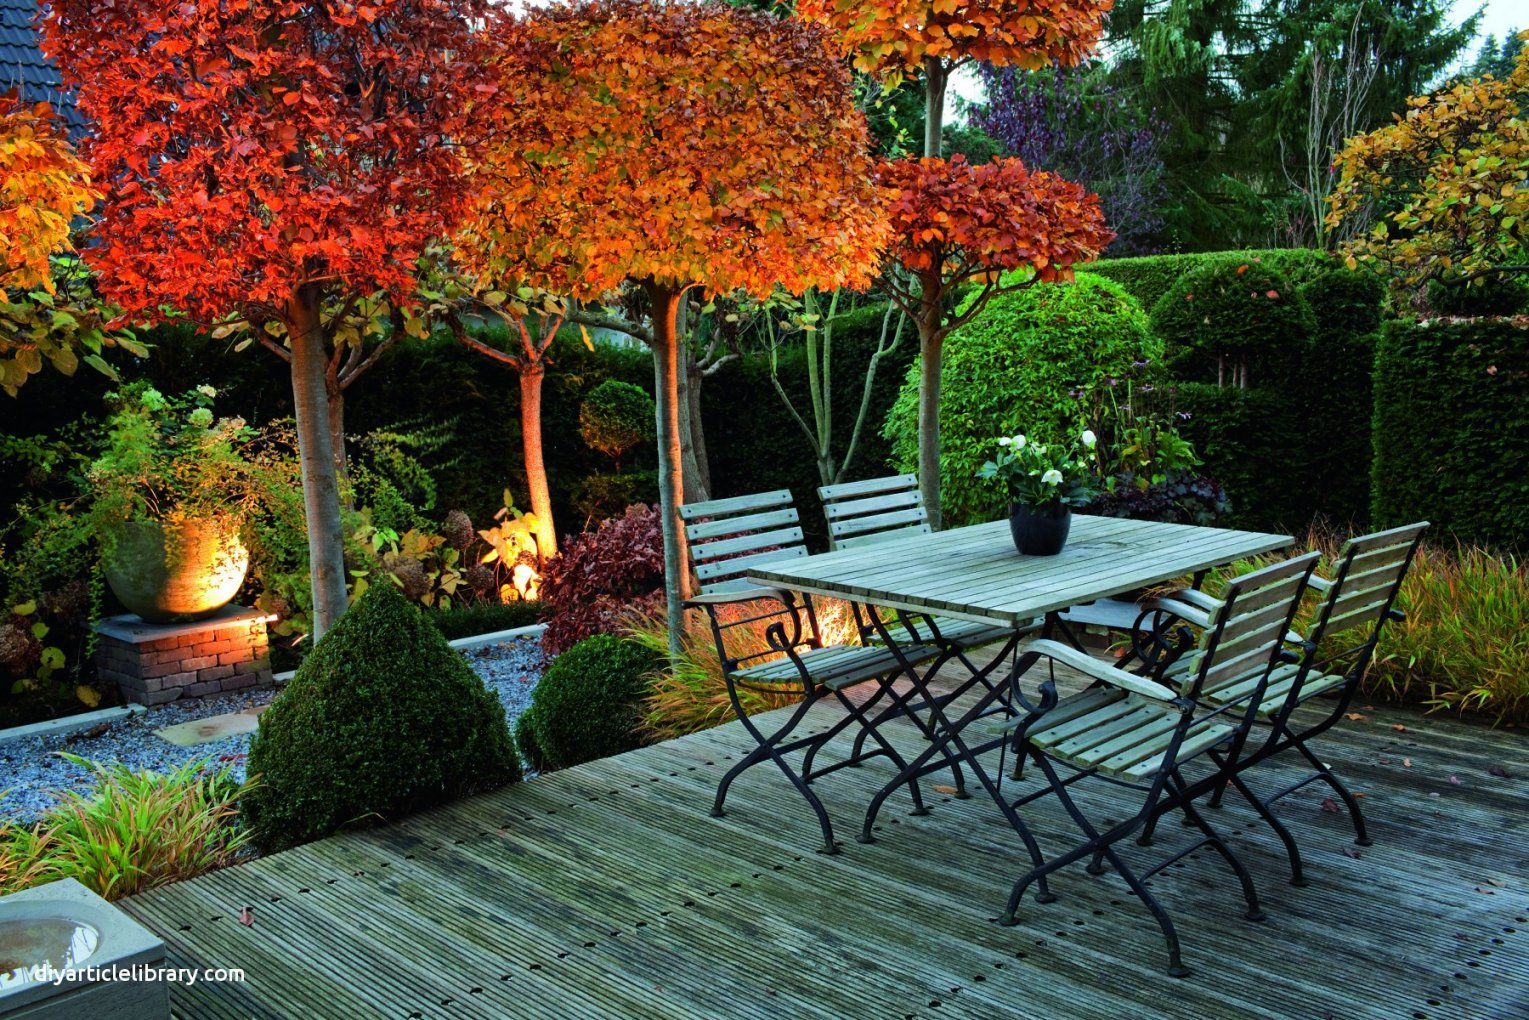 Einfache Kleines Büro Einrichten Ideen Der Mein Schöner Garten von Mein Schöner Garten Sichtschutz Ideen Photo